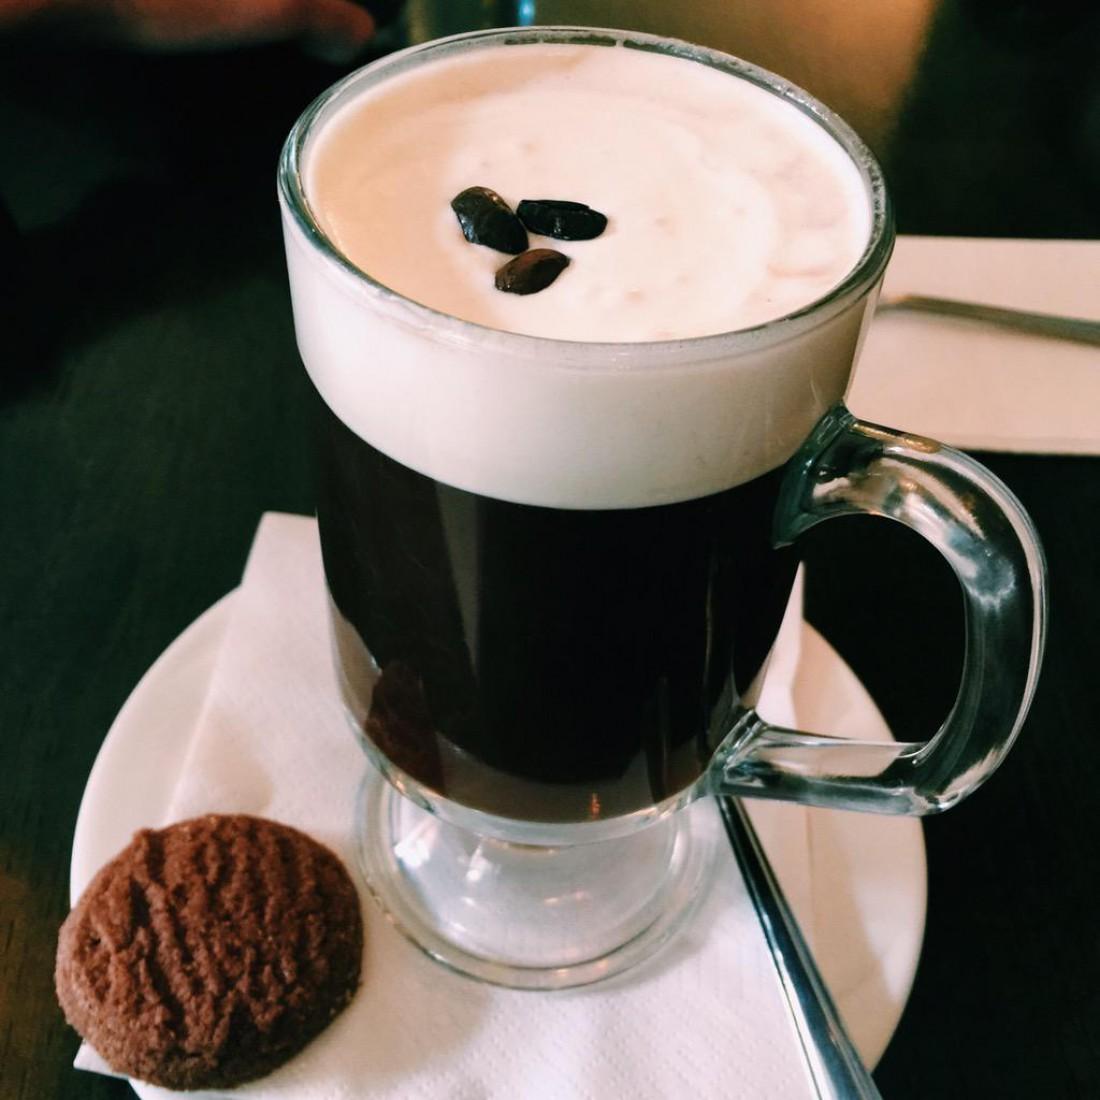 Кофе по-ирландски. Всегда требуй к напитку печеньку (можно конфетку)